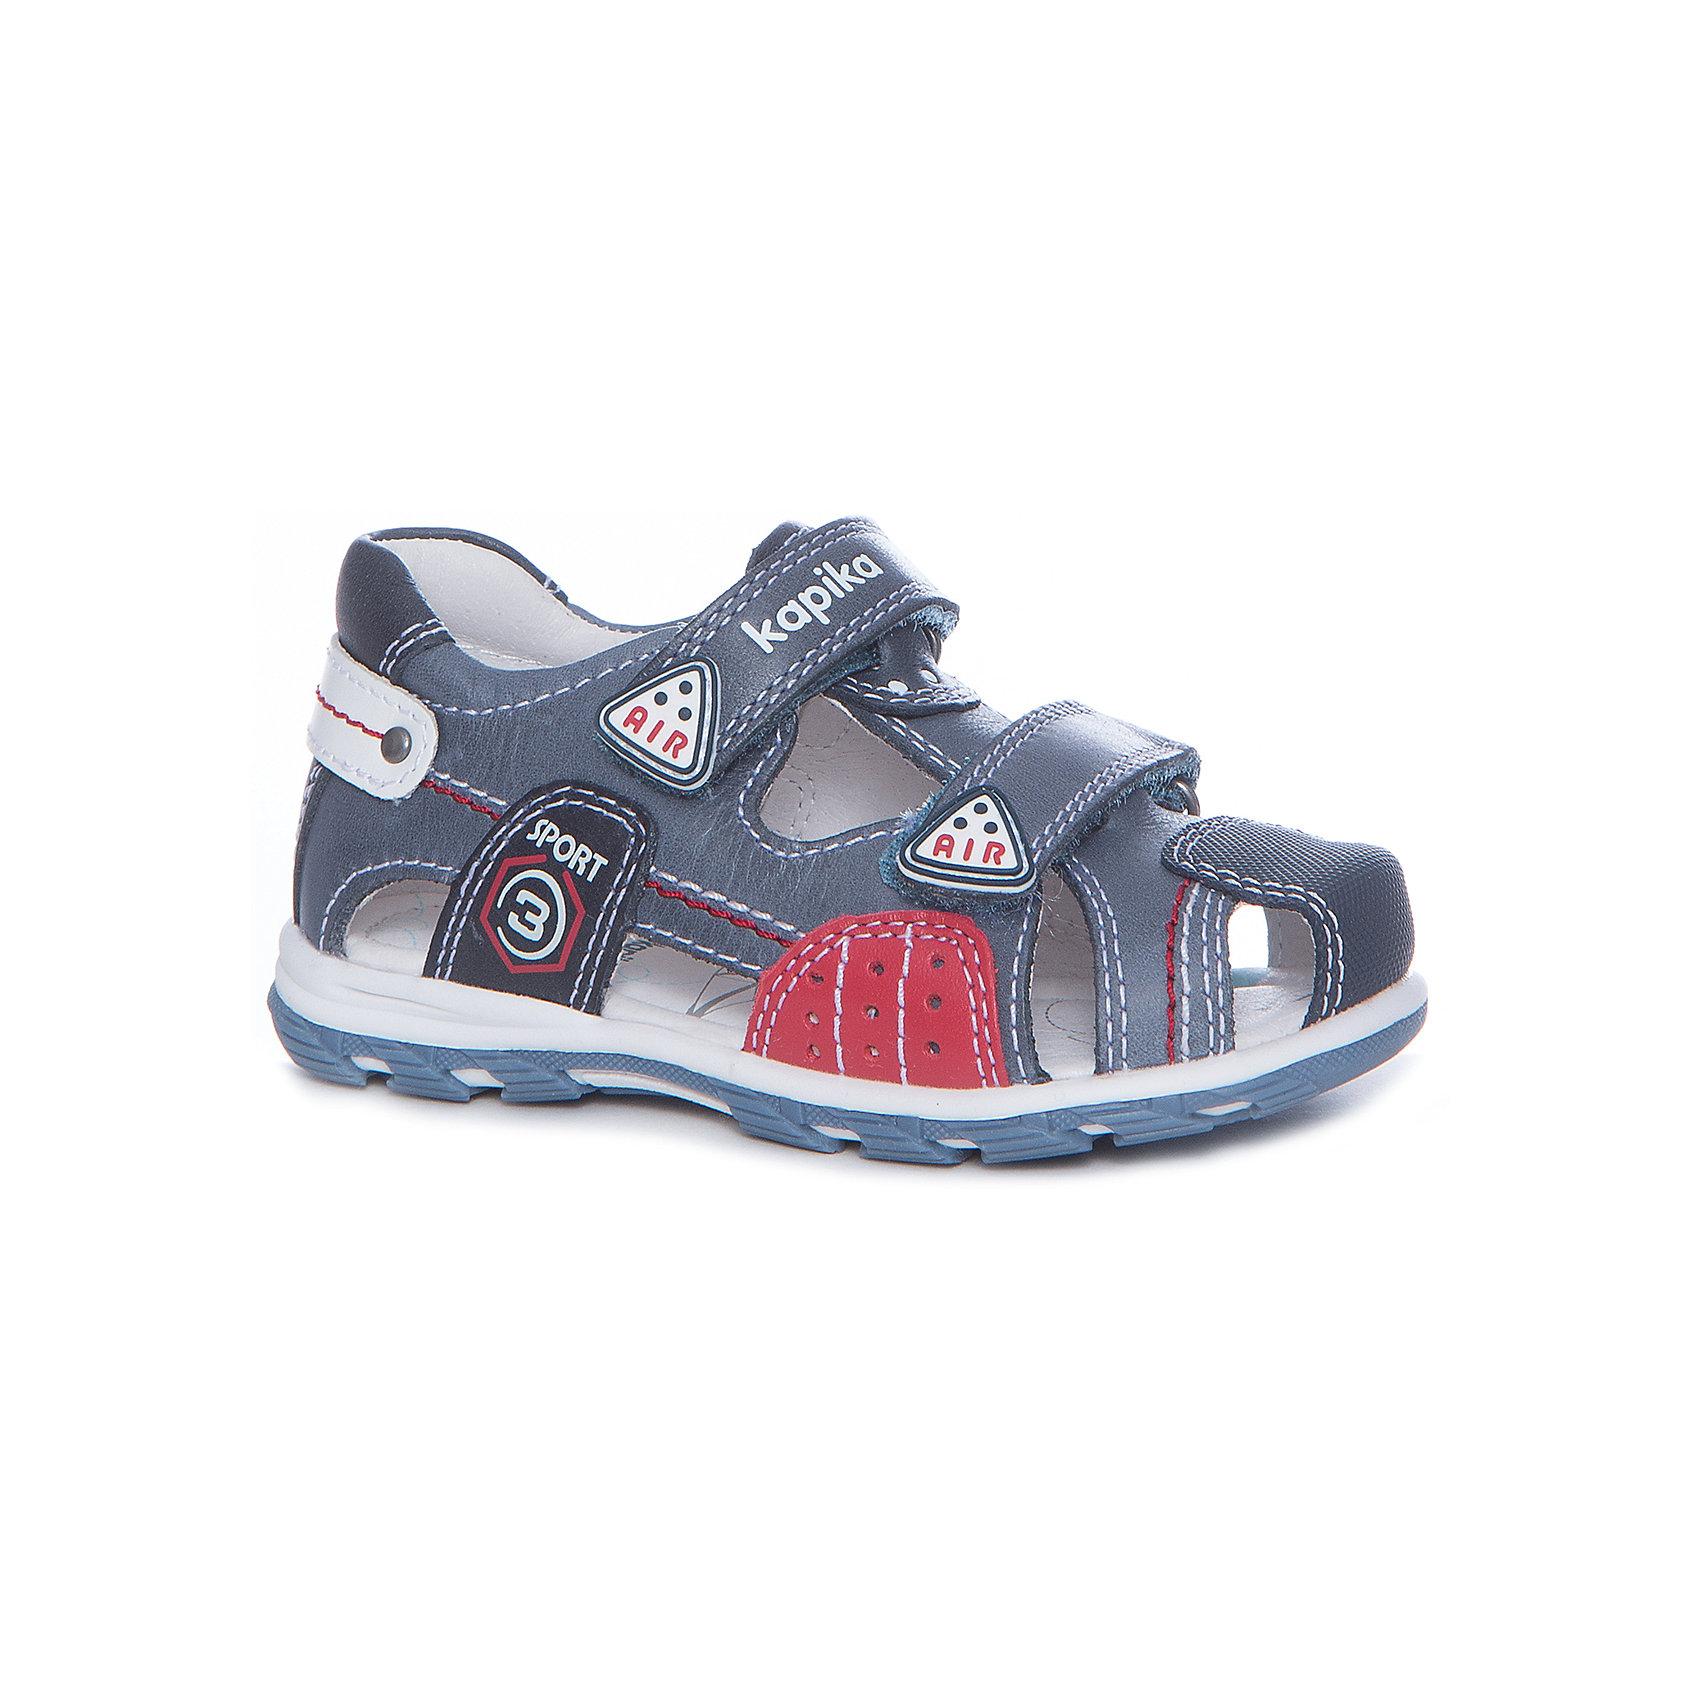 Сандалии для мальчика KAPIKA, синиеСандалии<br>Характеристики товара:<br><br>• цвет: синий, оранжевый<br>• анатомическая обувь<br>• внешний материал обуви: натуральная кожа<br>• внутренний материал: натуральная кожа<br>• стелька: натуральная кожа<br>• подошва: ТЭП<br>• тип сандалей: с закрытым мысом<br>• тип застежки: на липучке<br>• сезон: лето<br>• страна бренда: Россия<br>• страна изготовитель: Китай<br><br>Сандалии с закрытым мысом для мальчика от российского бренда Kapika (Капика) можно купить в нашем интернет-магазине.<br><br>Ширина мм: 227<br>Глубина мм: 145<br>Высота мм: 124<br>Вес г: 325<br>Цвет: синий<br>Возраст от месяцев: 18<br>Возраст до месяцев: 21<br>Пол: Мужской<br>Возраст: Детский<br>Размер: 23,29,26,24,25,27,28<br>SKU: 5323728